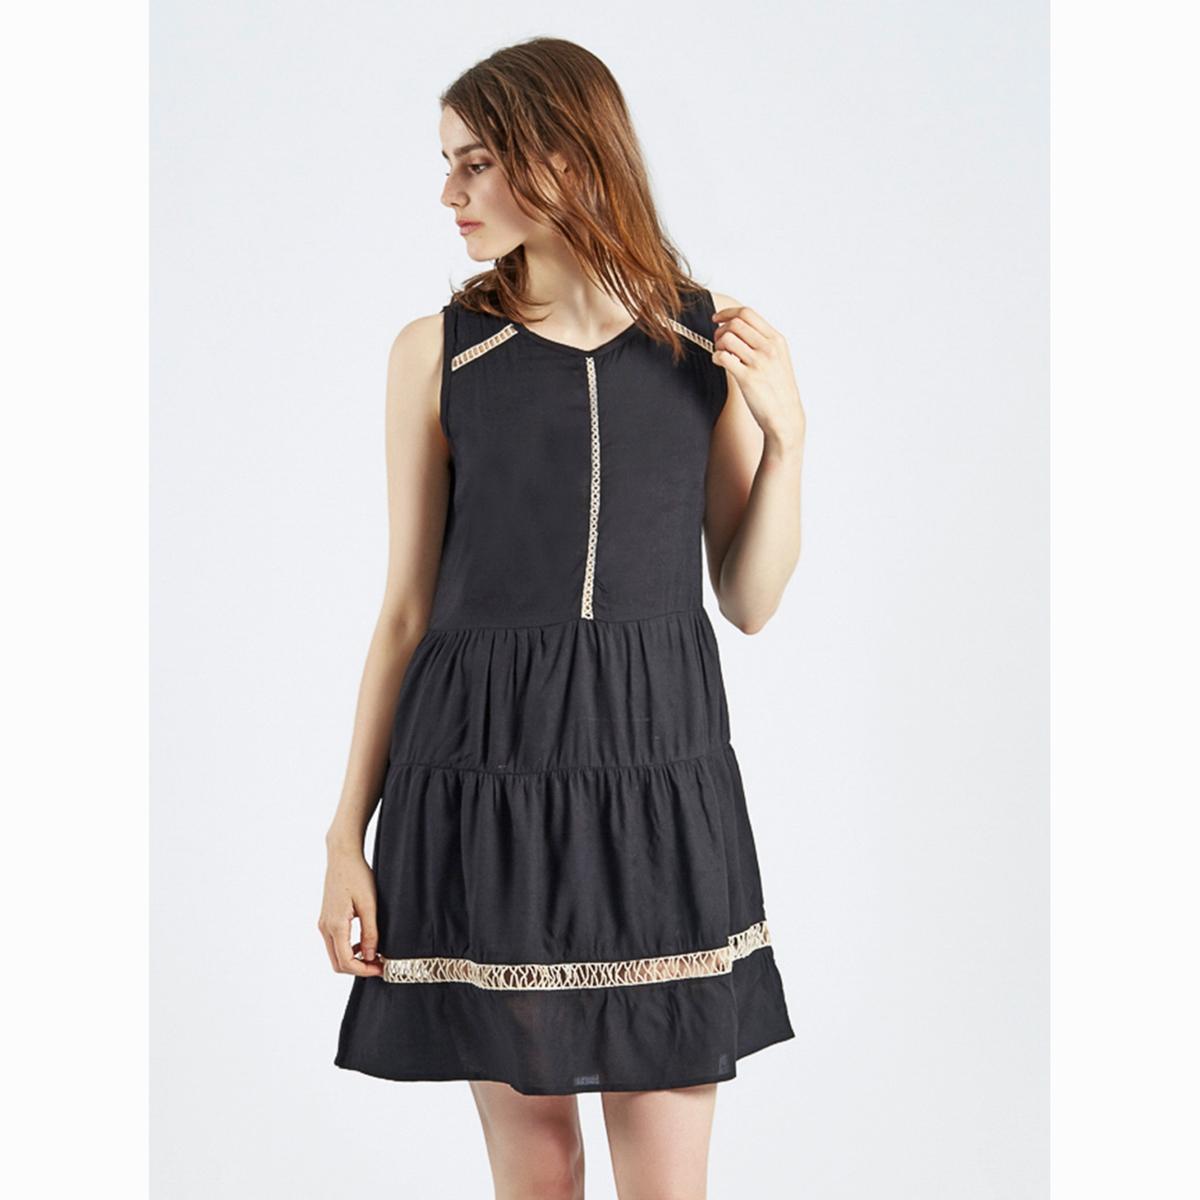 Платье без рукавов Vestido Cillian vestido de festa curto mini lace short homecoming dresses 2018 tulle appliques v шея бальное платье lace up 8 й класс формальные платья